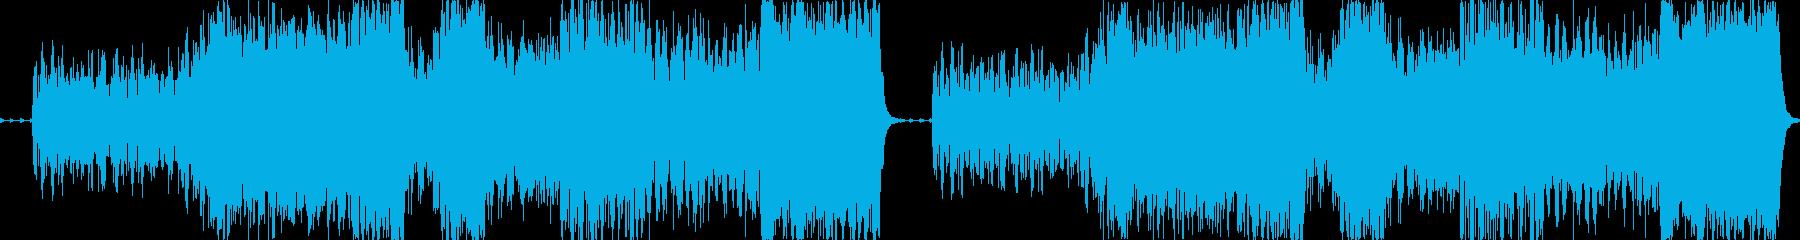 ハロウィンBGM:墓場での宴の再生済みの波形